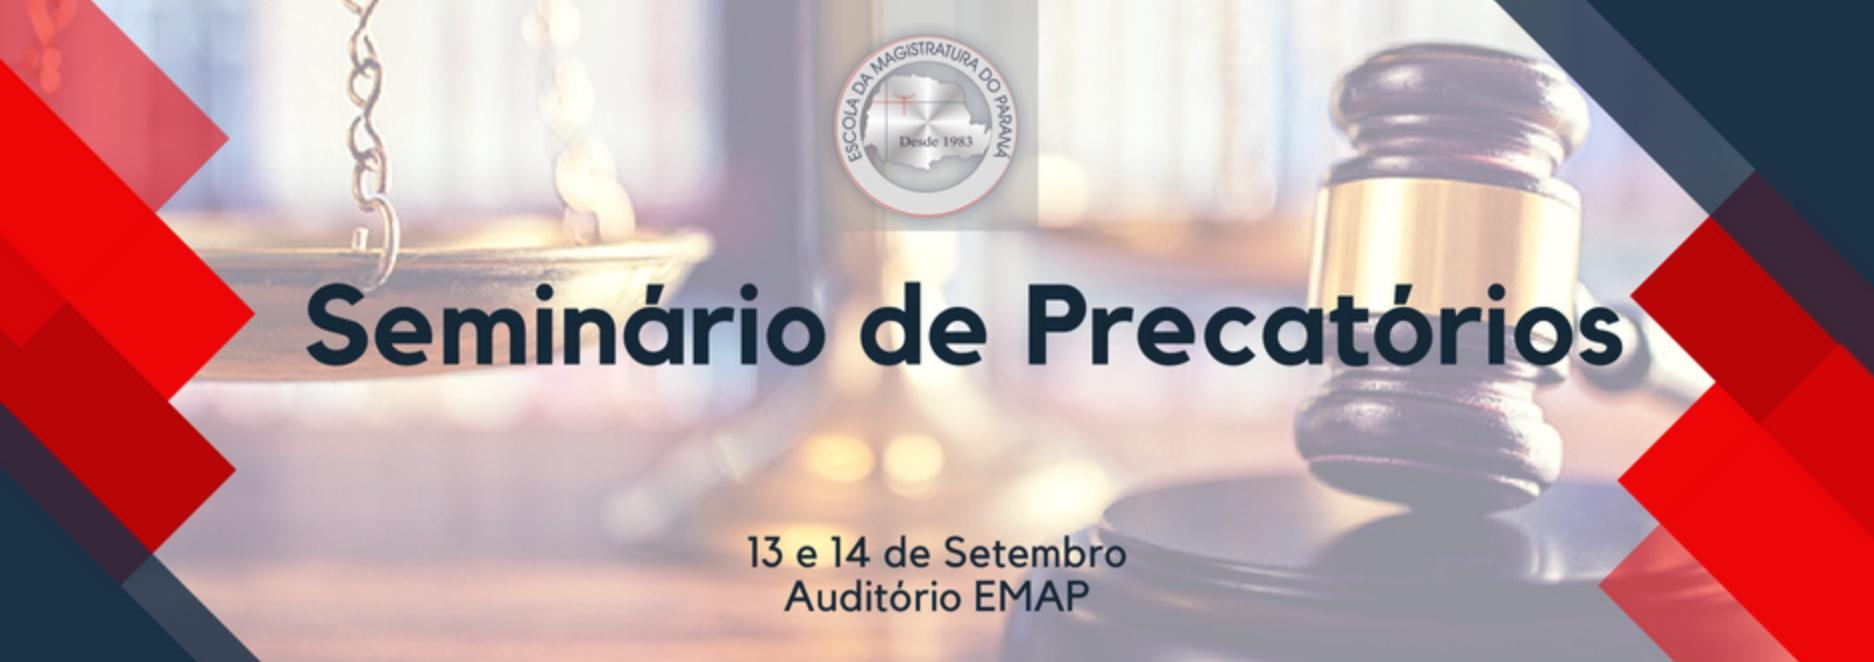 EMAP promove seminário sobre Precatórios